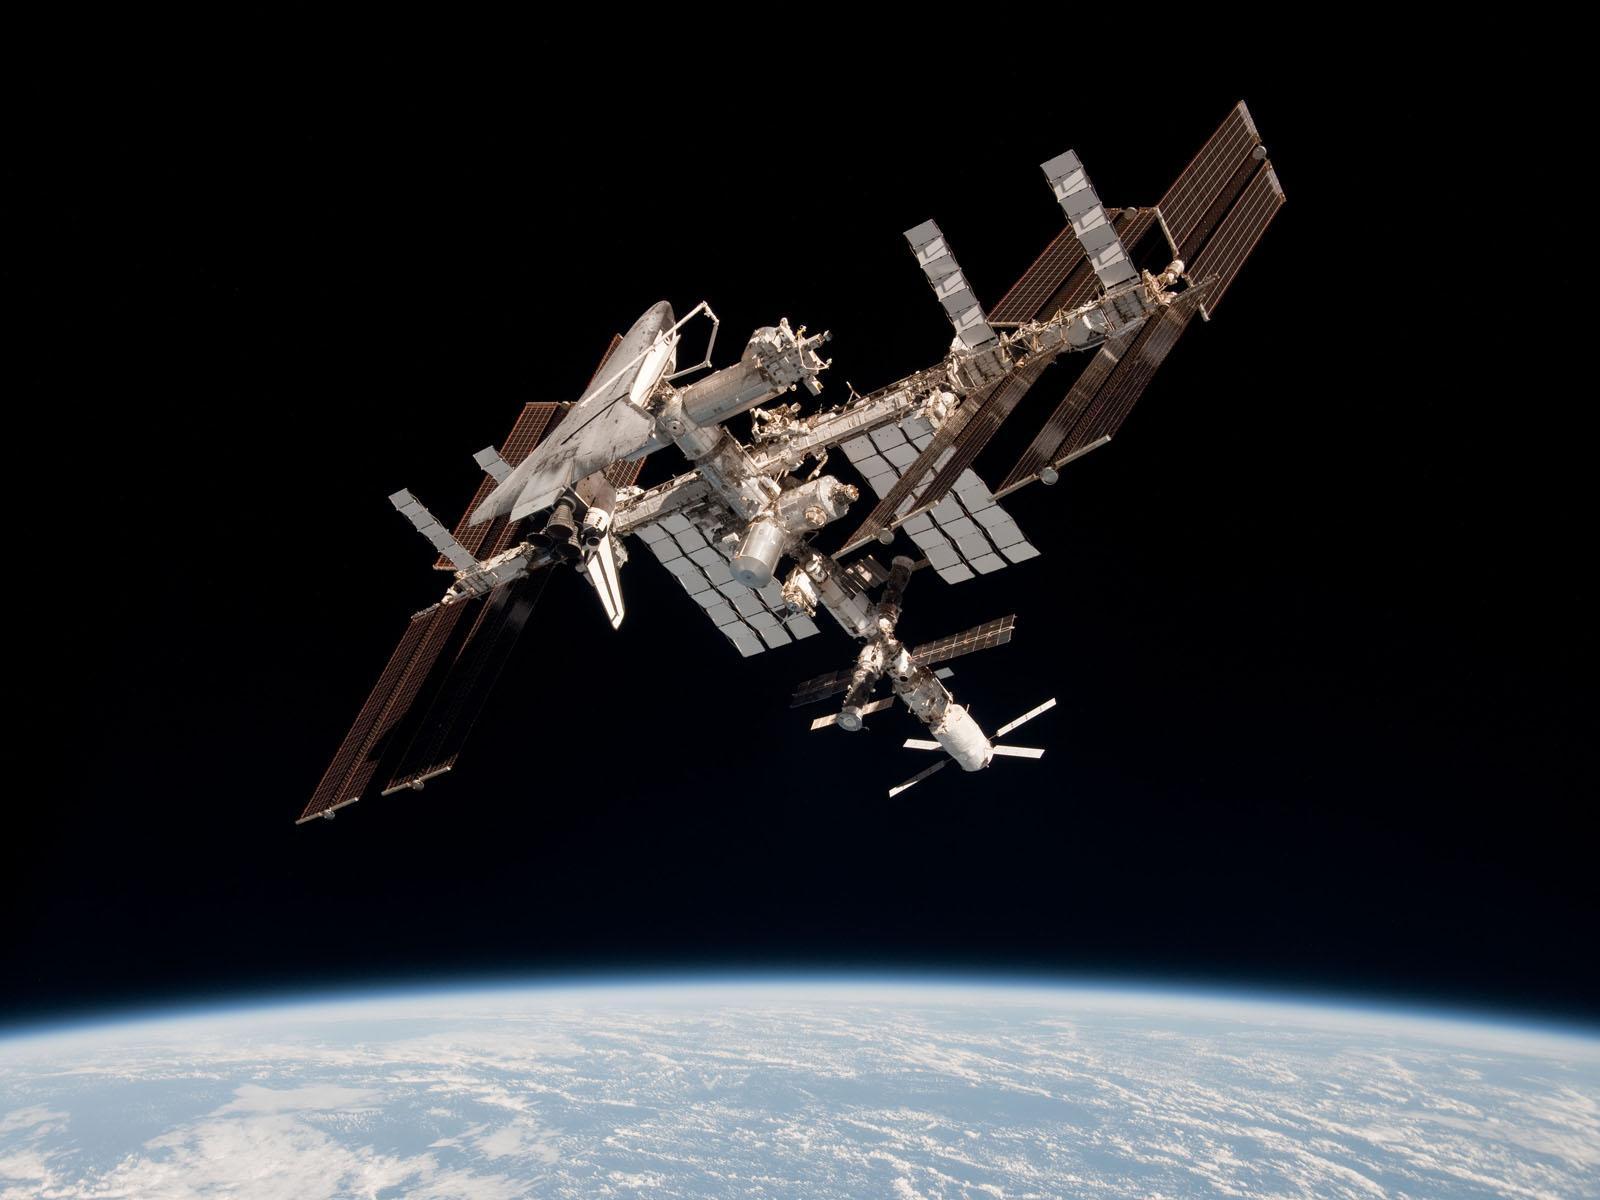 ISS_with_ATV_Johannes_Kepler_and_Shuttle_Endeavour_docked.jpg